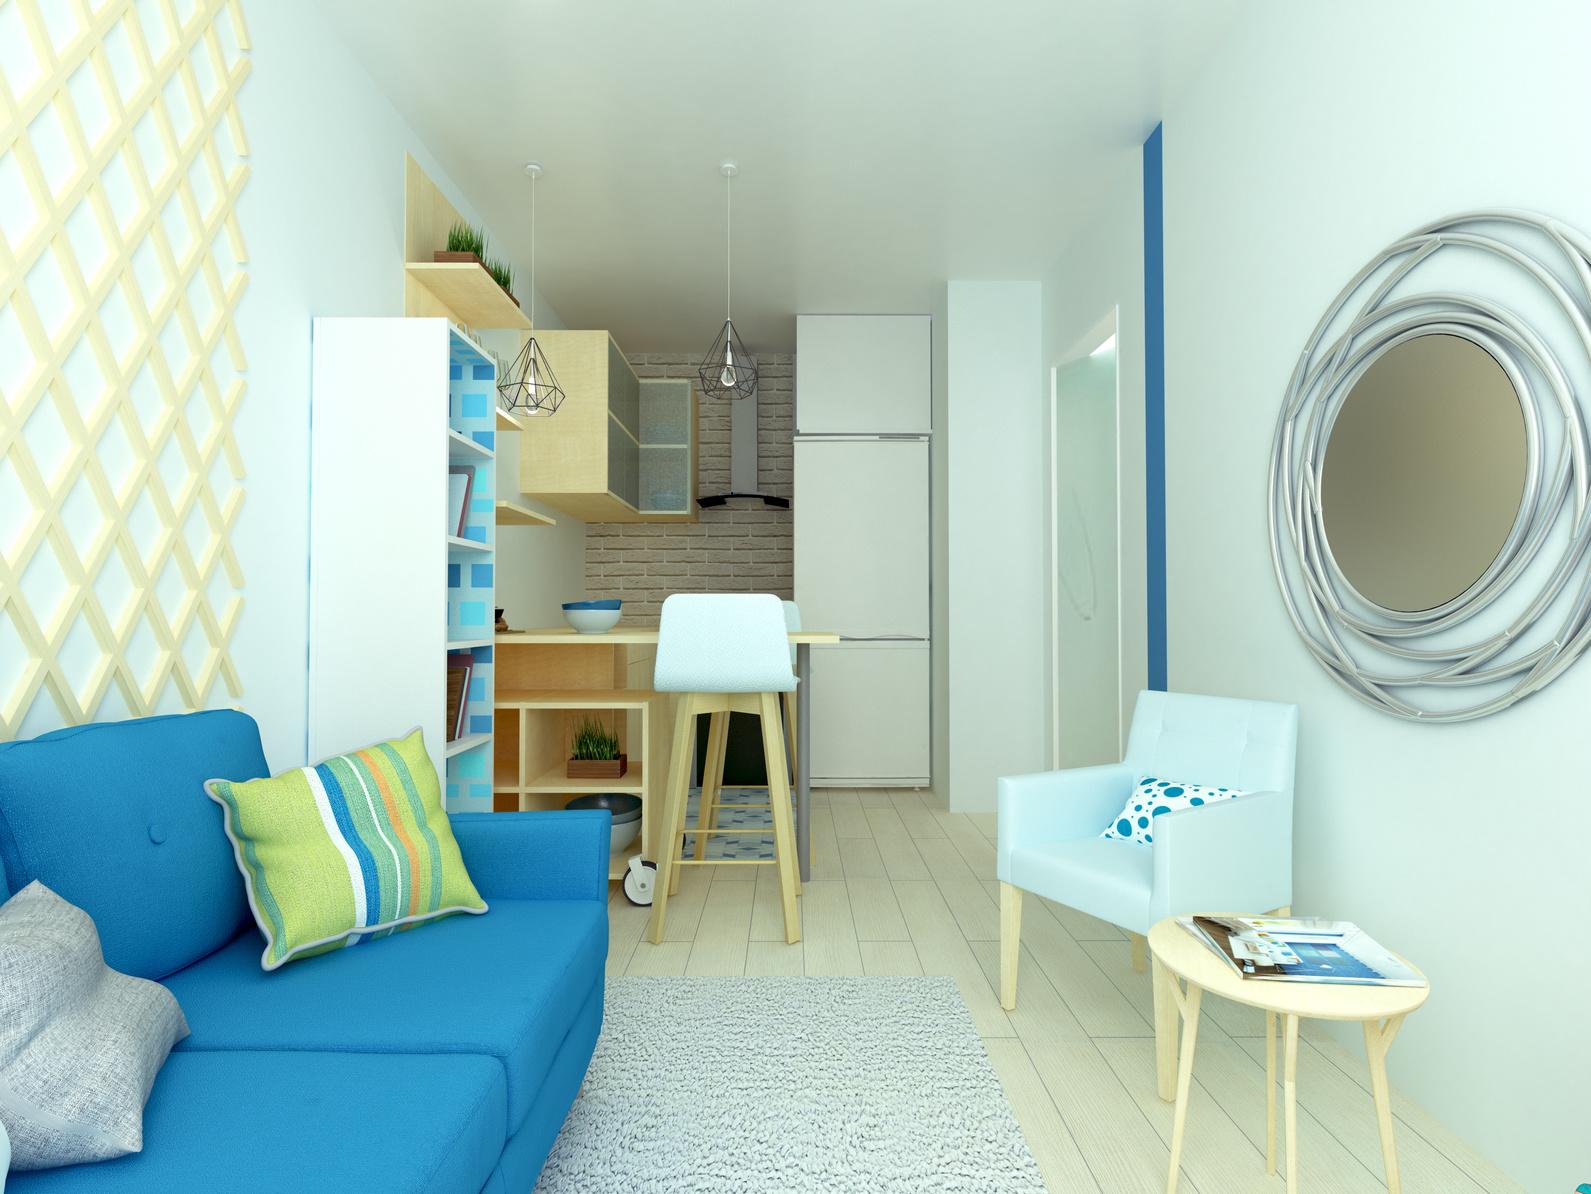 małe mieszkanie zalety i wady